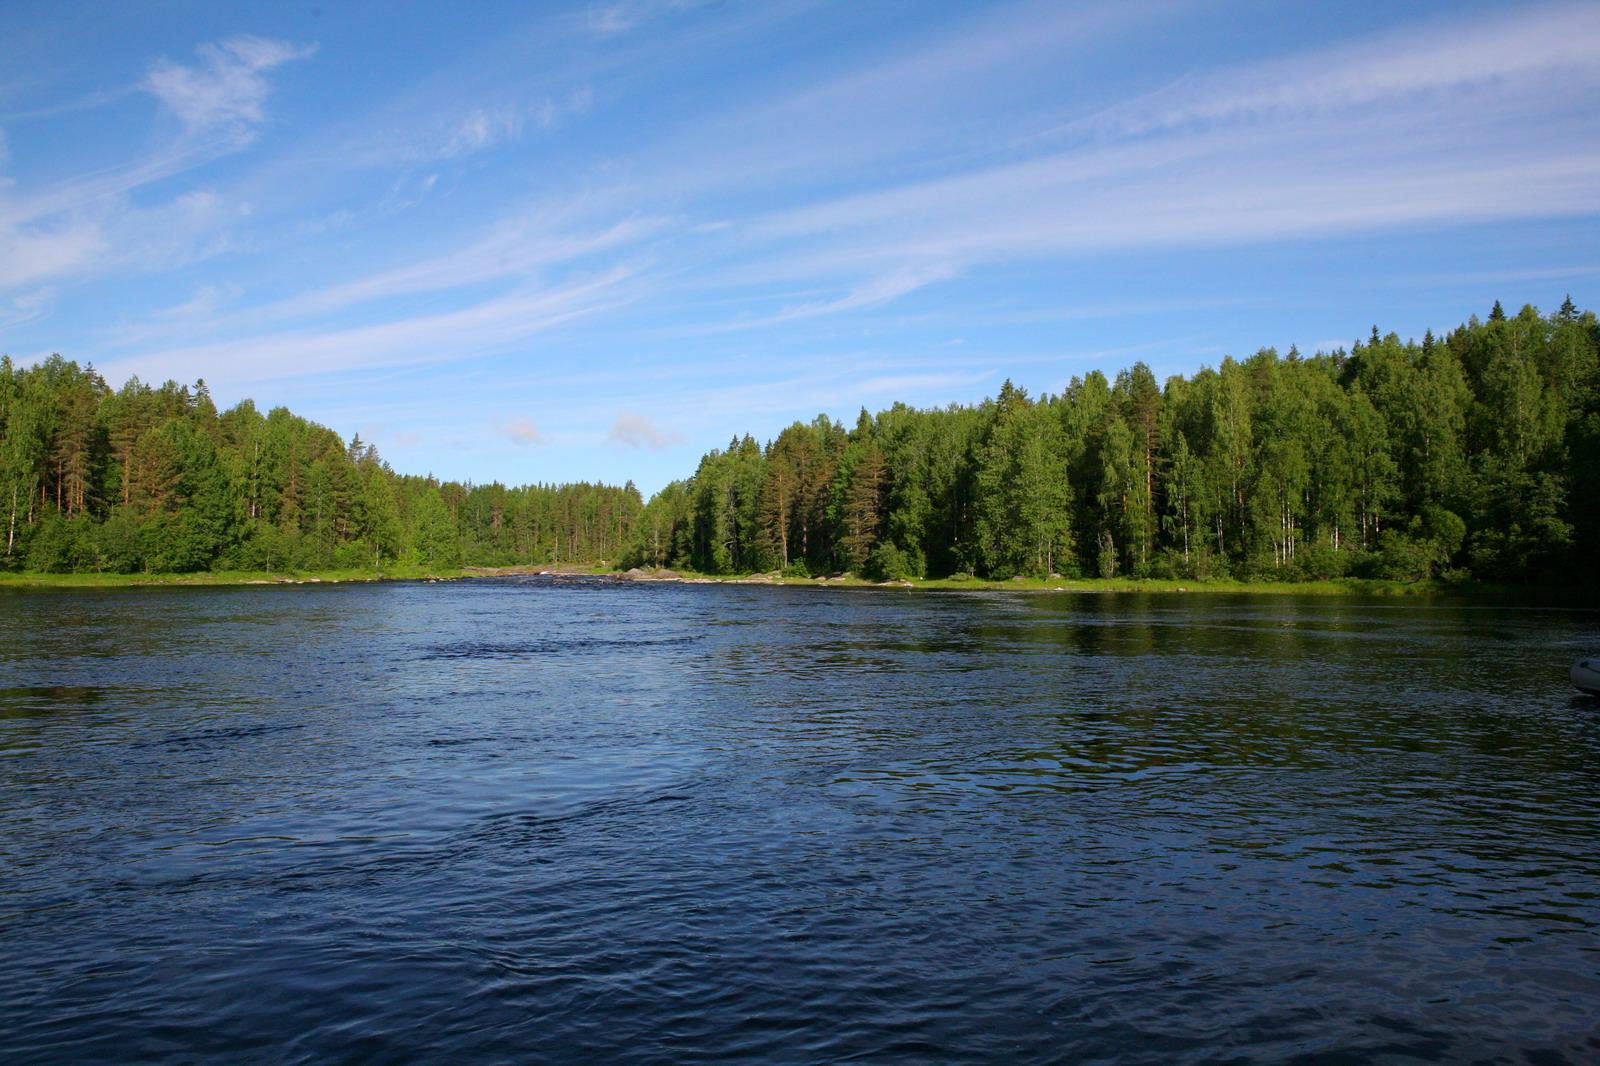 В Республике Карелия у реки Чирка-Кемь состоится выездной семинар для молодежных лидеров и инструкторов по здоровому образу жизни